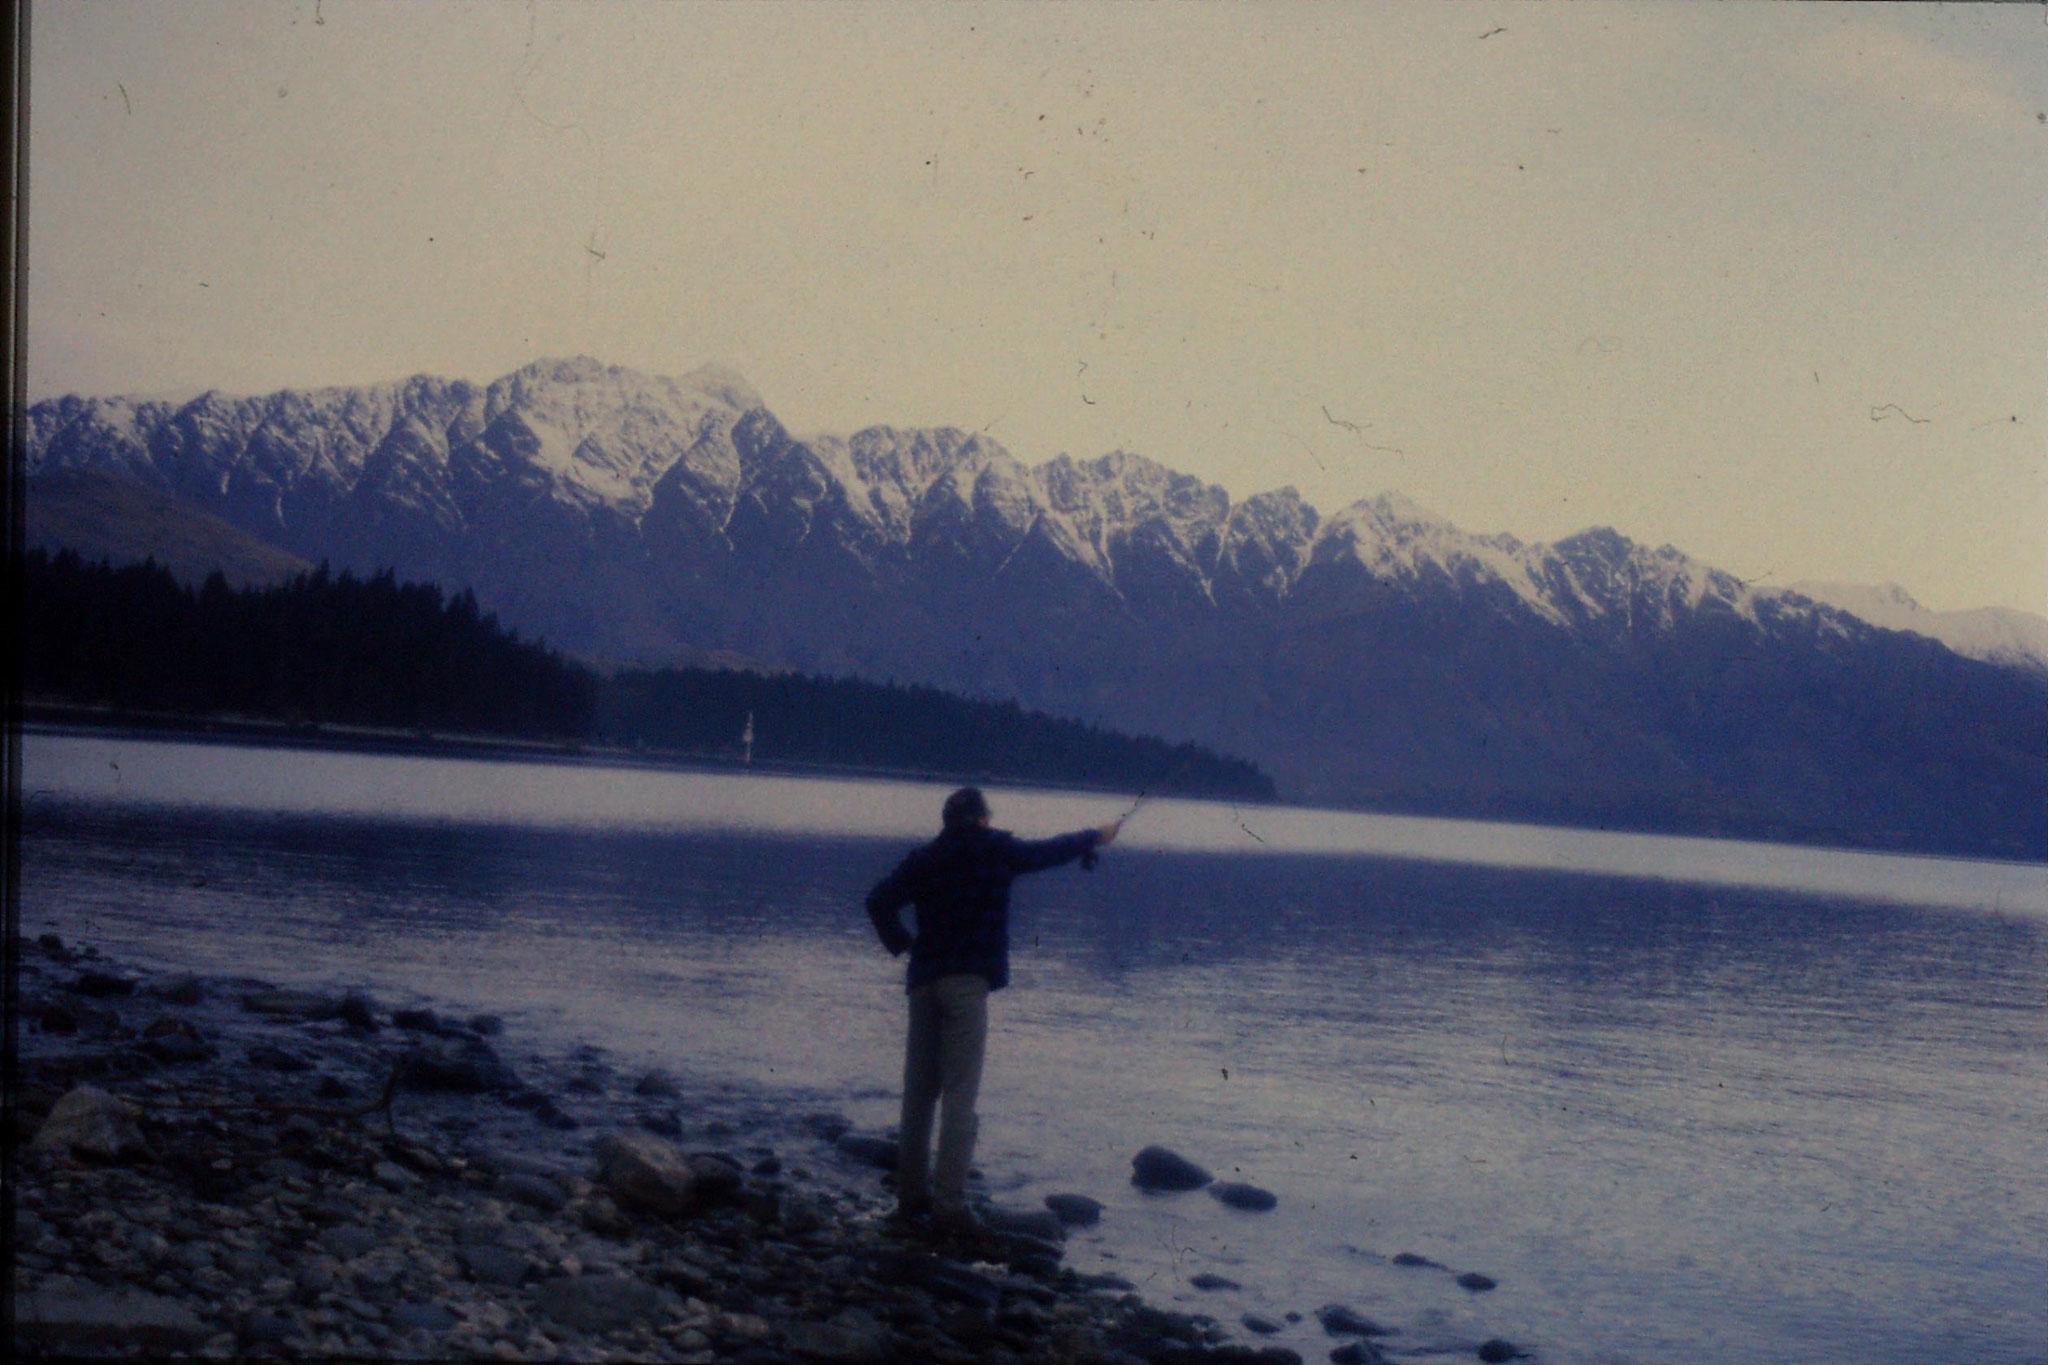 15/8/1990: 10 : R fishing